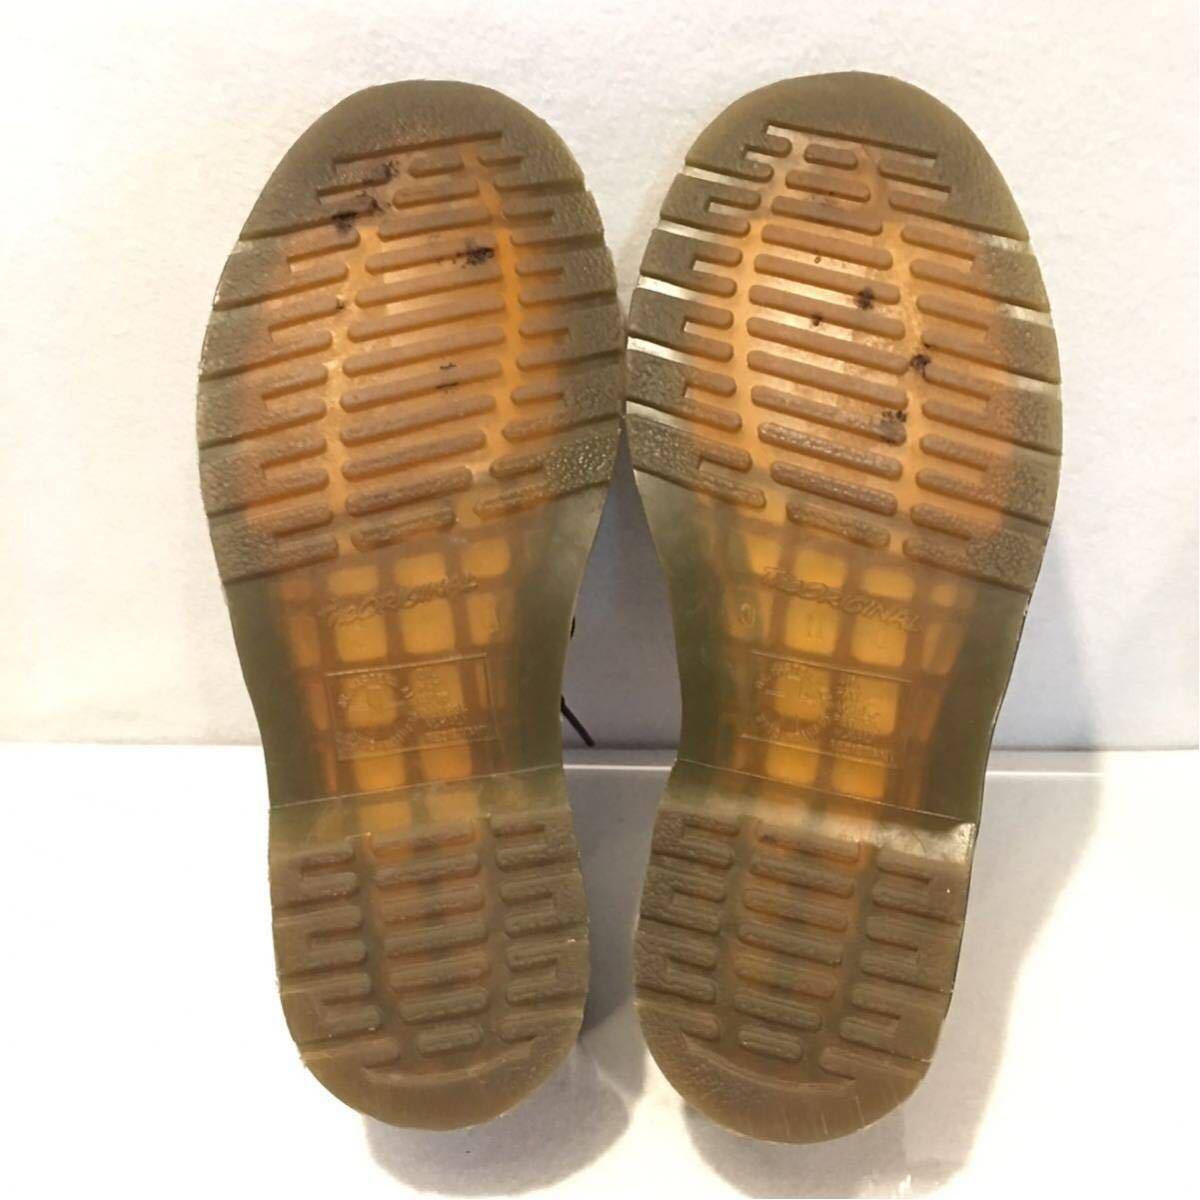 ★Dr.Martens ドクターマーチン 3ホール★UK5(24.0cm)★黒 ブラック★革靴 レザーシューズ★_画像7